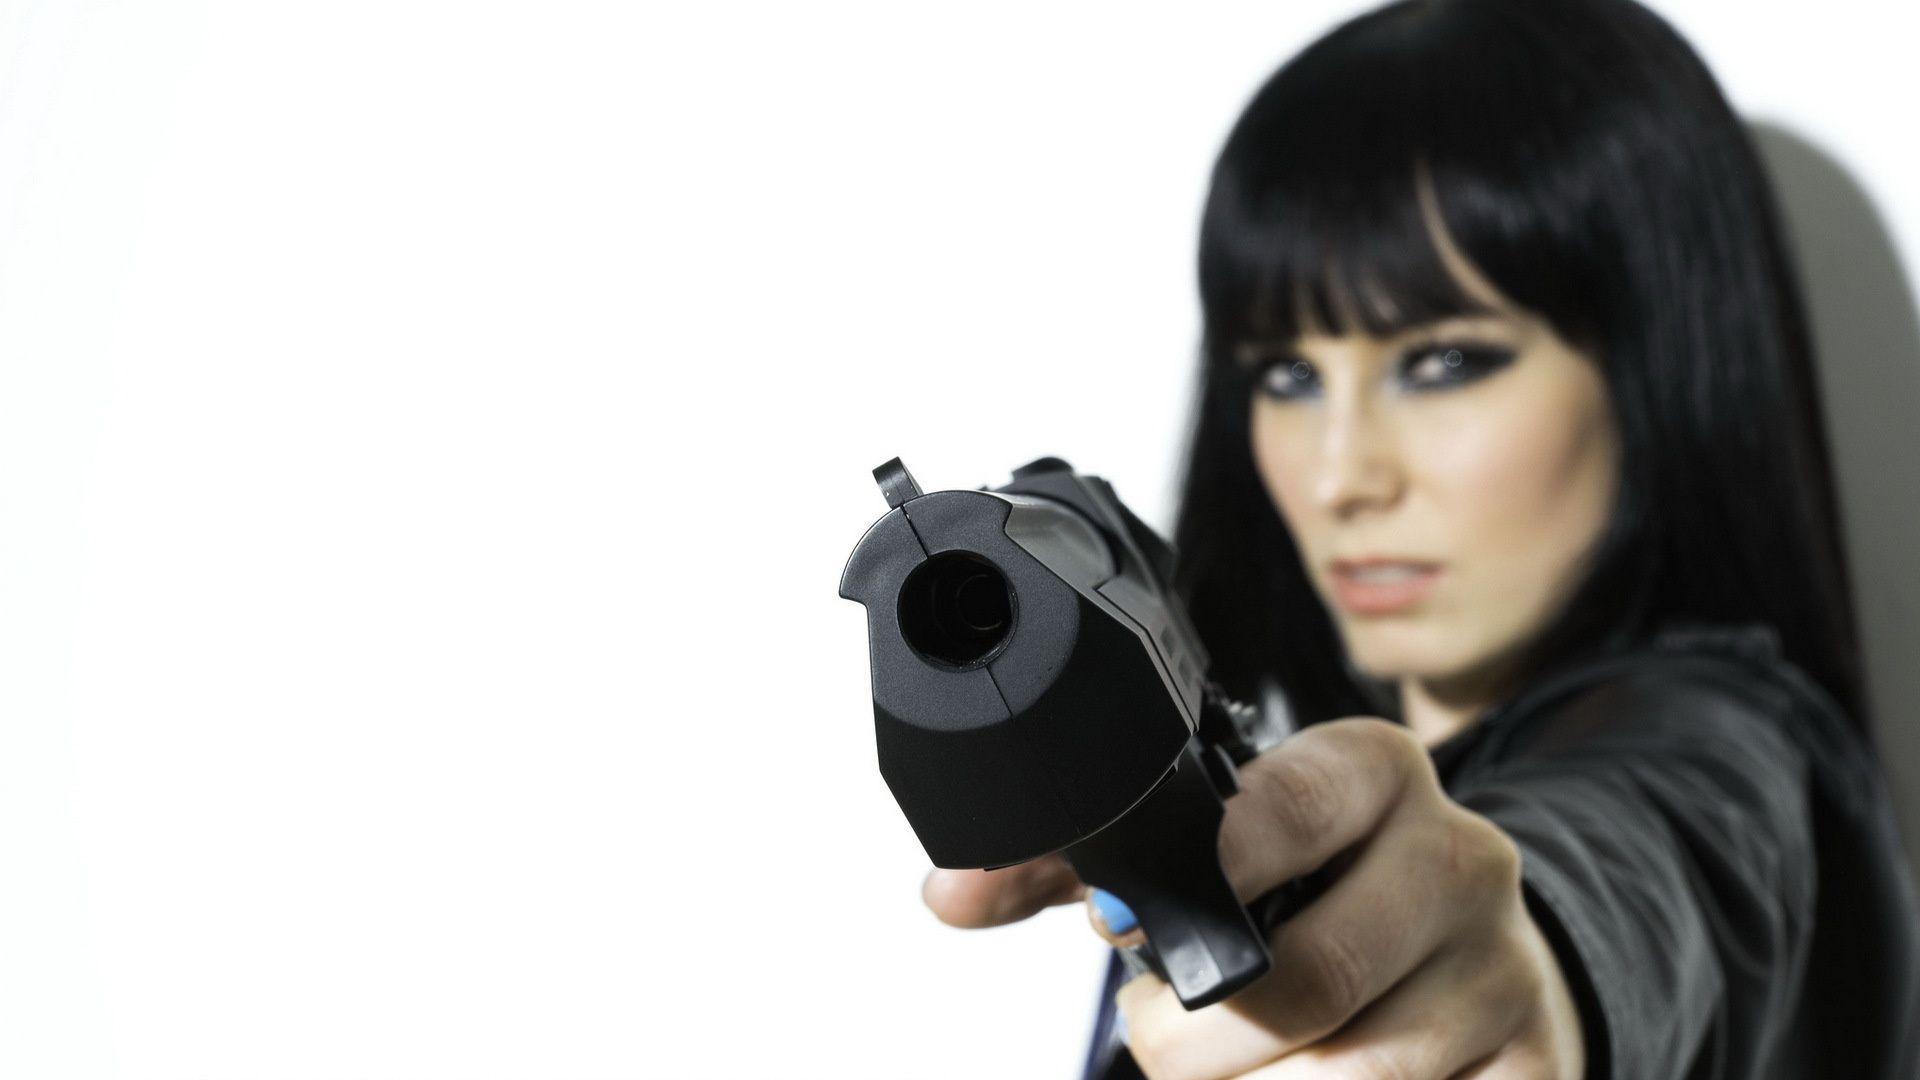 девушка с пистолетом: 21 тыс изображений найдено в Яндекс ...